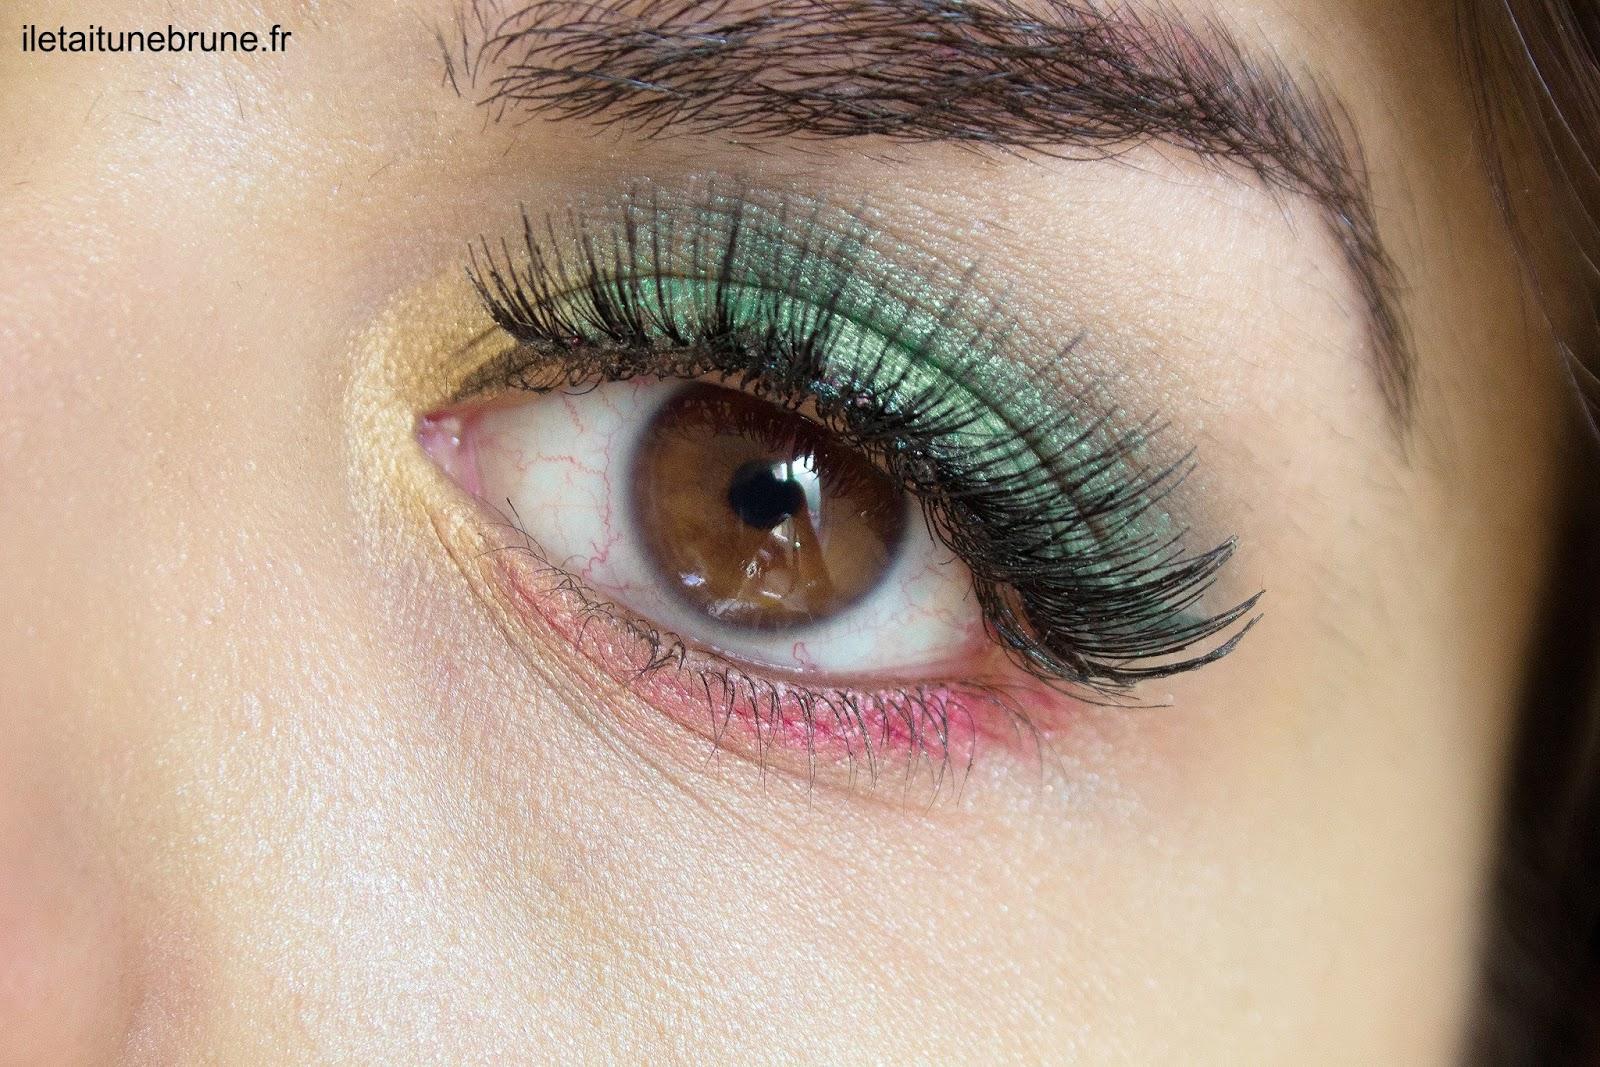 maquillages des yeux jaune vert et rouge façon Poison Ivy